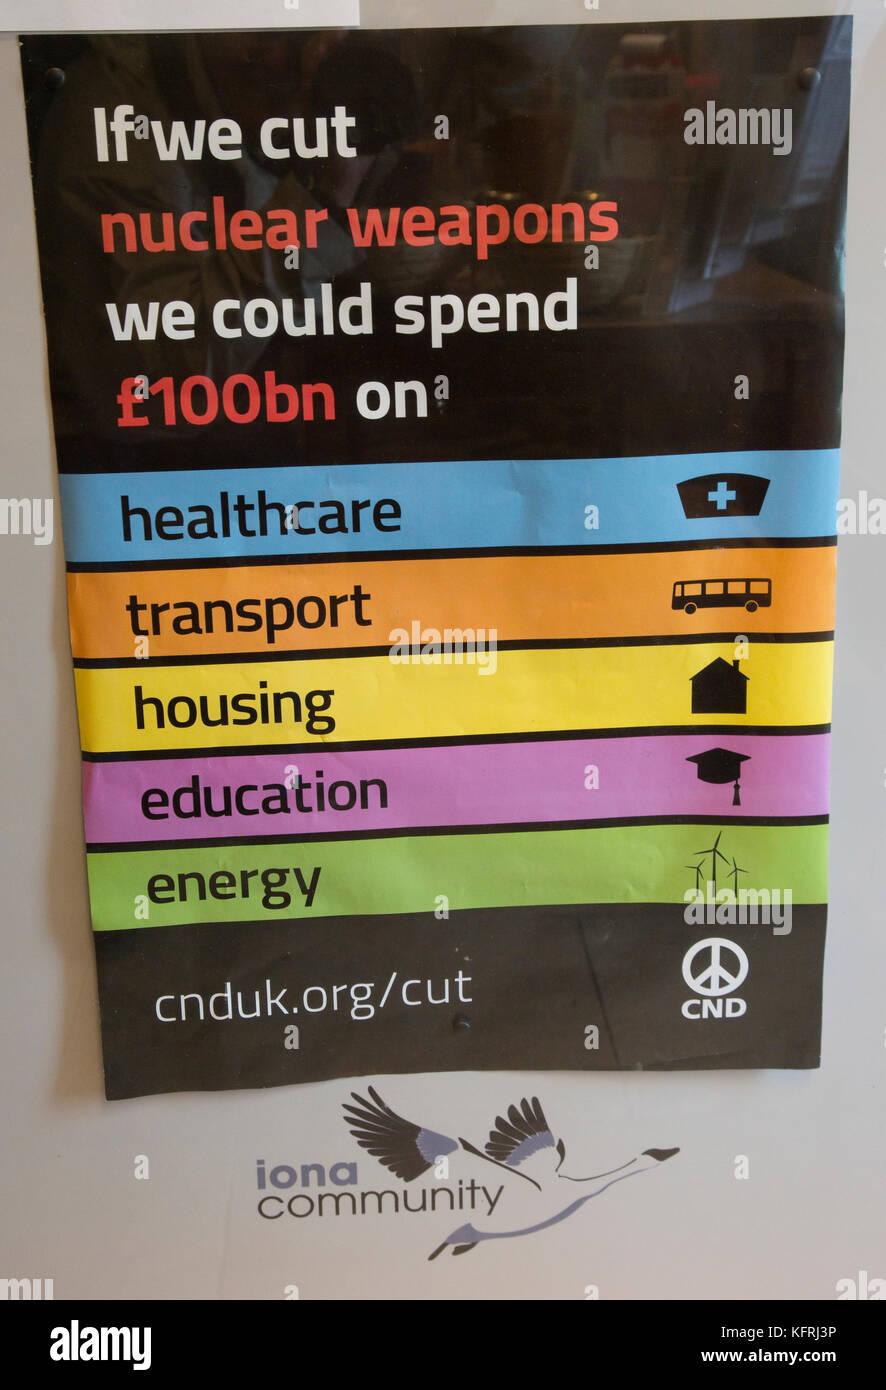 Comunità di Iona poster cut armi nucleari aiutare la società Scozia Scotland Immagini Stock